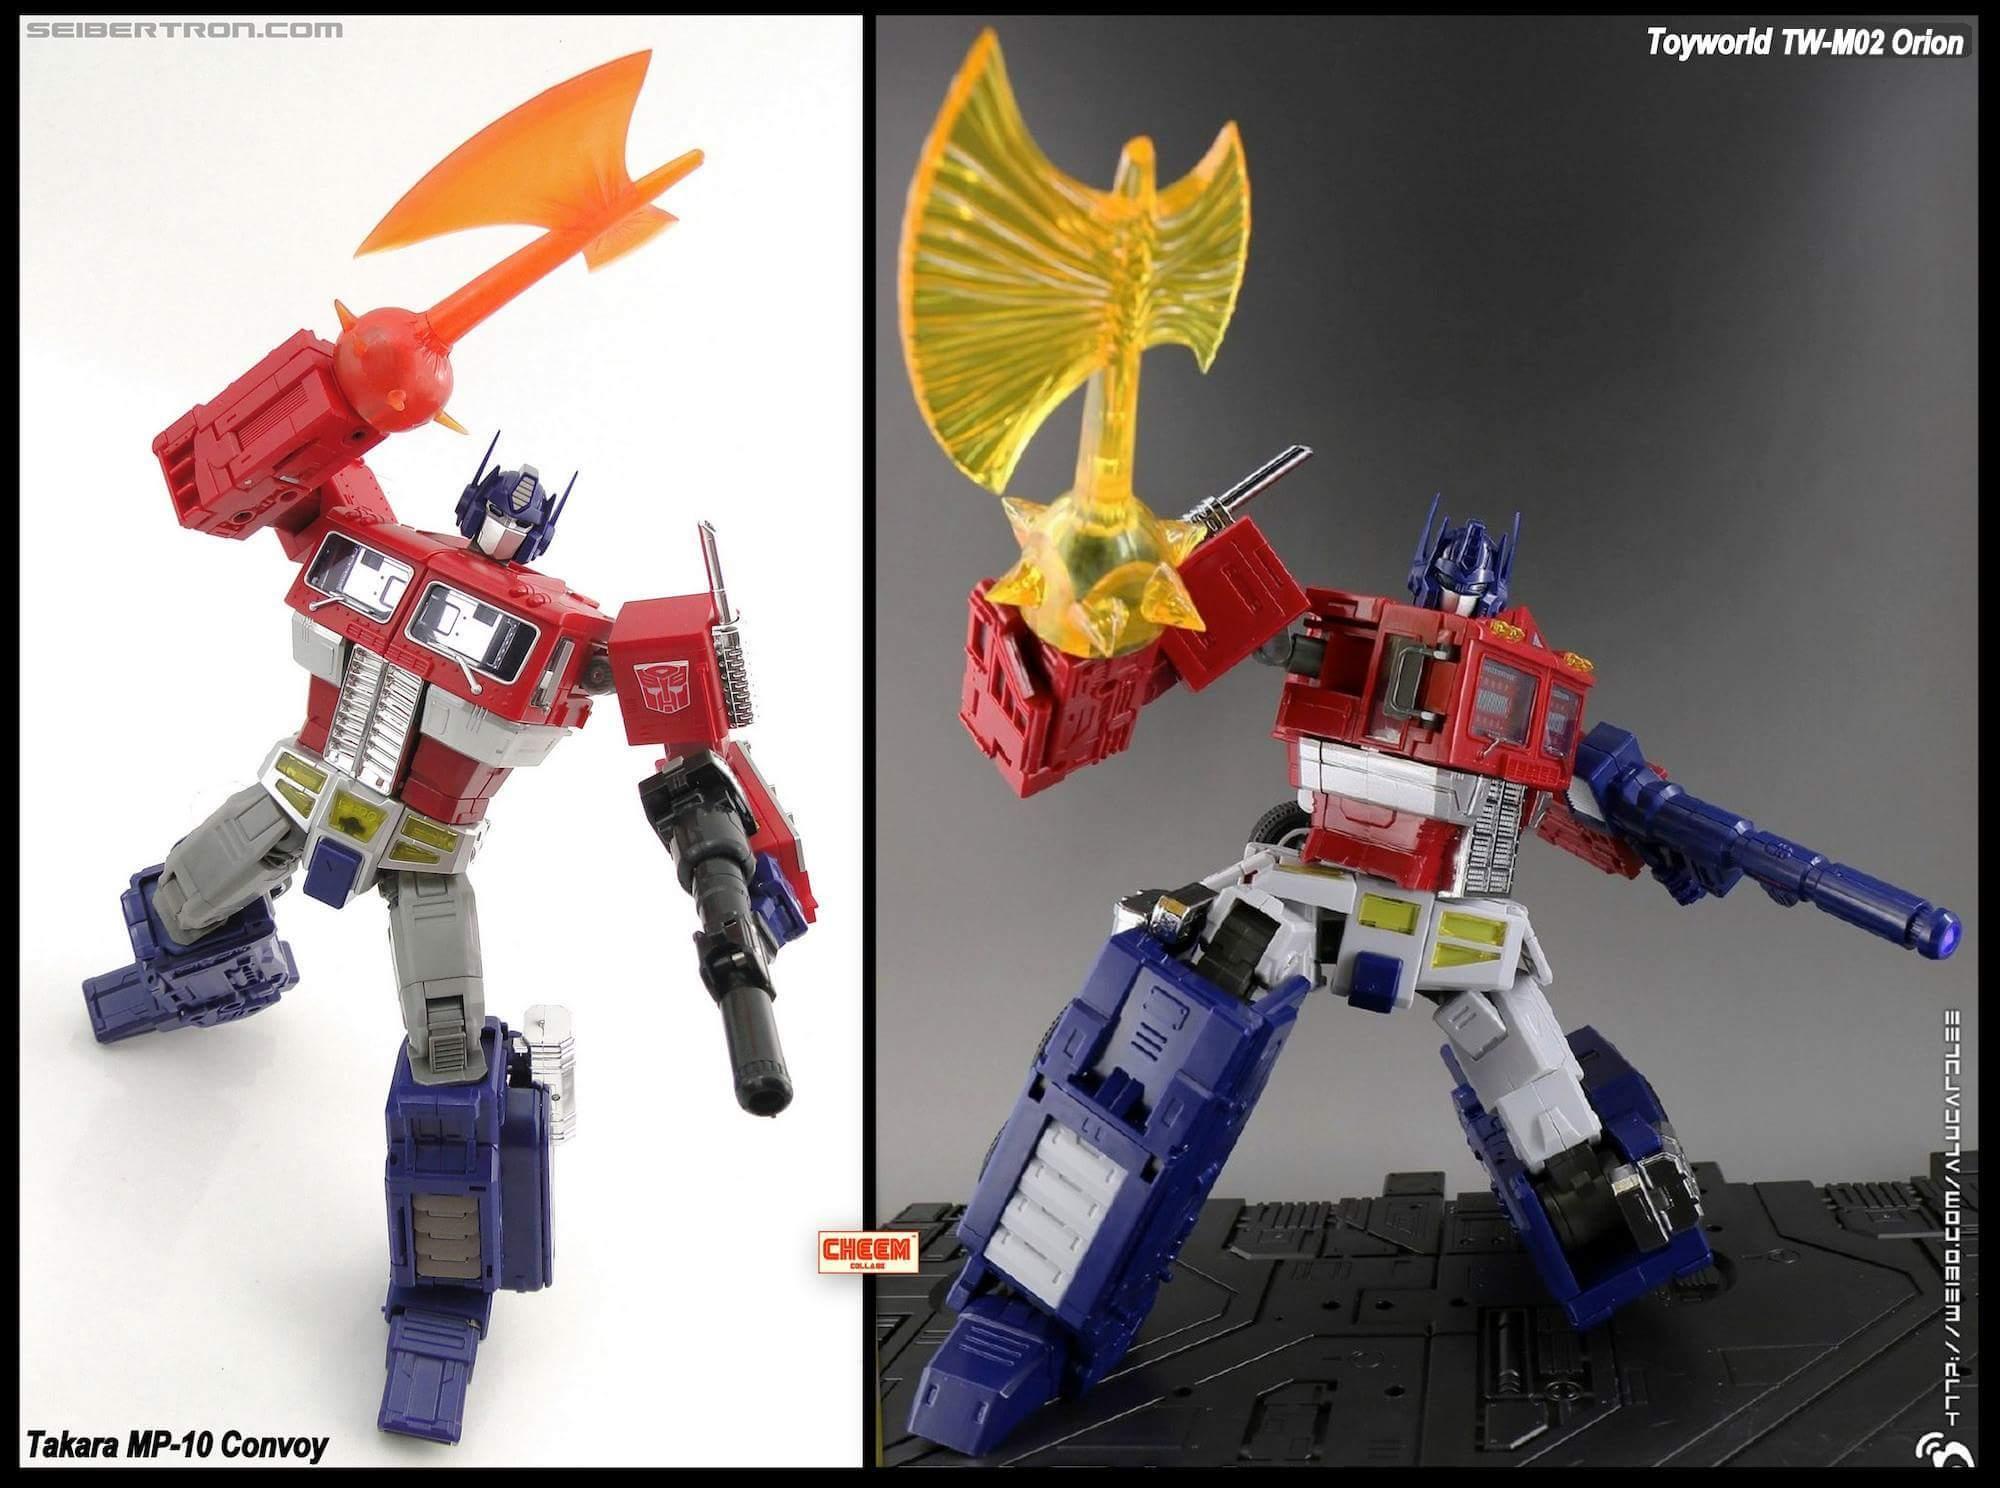 [ToyWorld][Zeta Toys] Produit Tiers - TW-M01 Primorion/Zeta-EX6O OriPrime et Zeta -EX6E EvaPrime - aka Optimus (G1 et Evangelion) O3CRM1qv